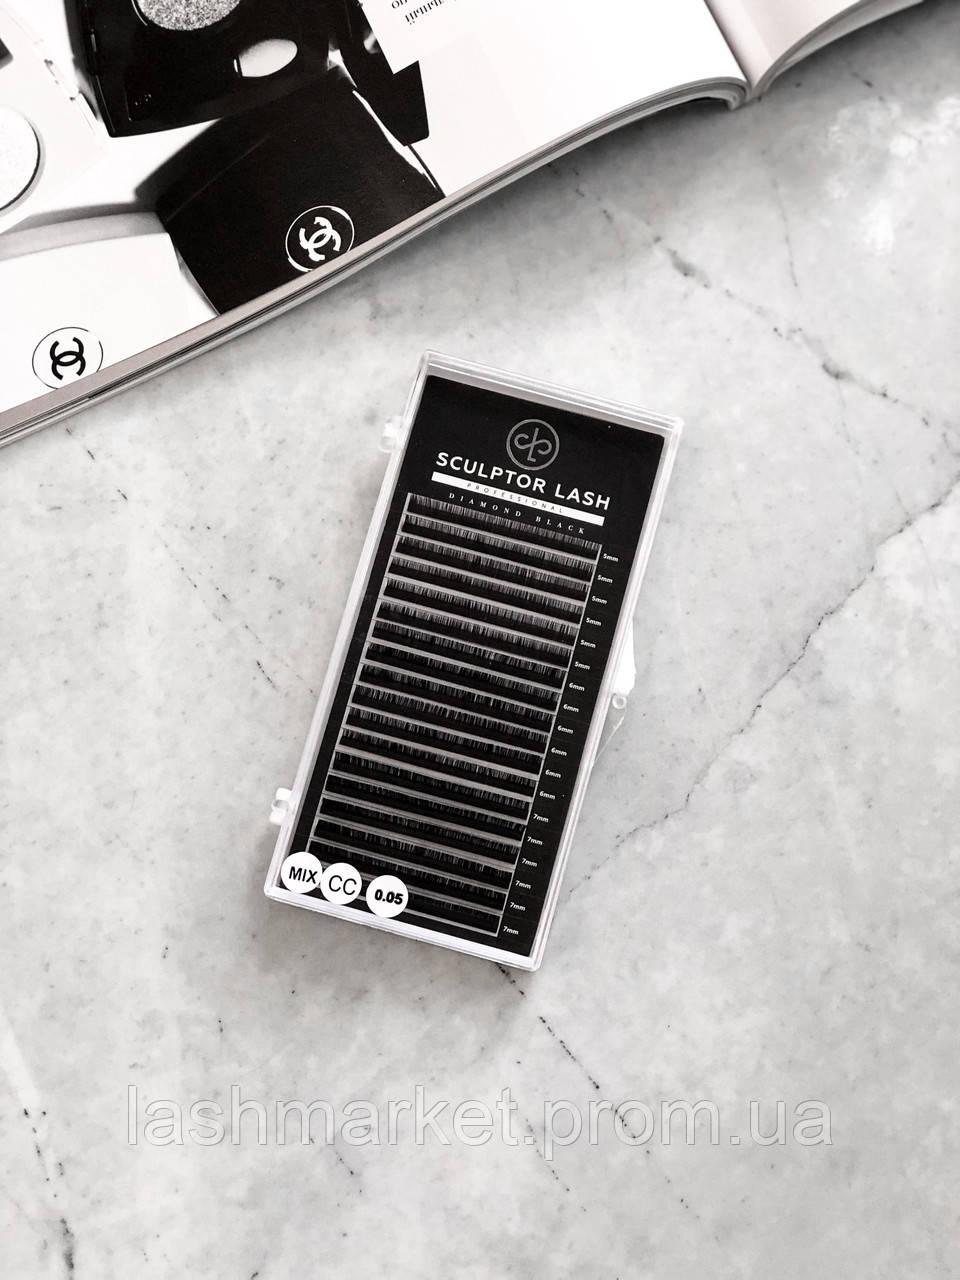 Ресницы МИКС ДЛИН С 0.10 (7-13 мм)Sculptor Lash Diamond Black